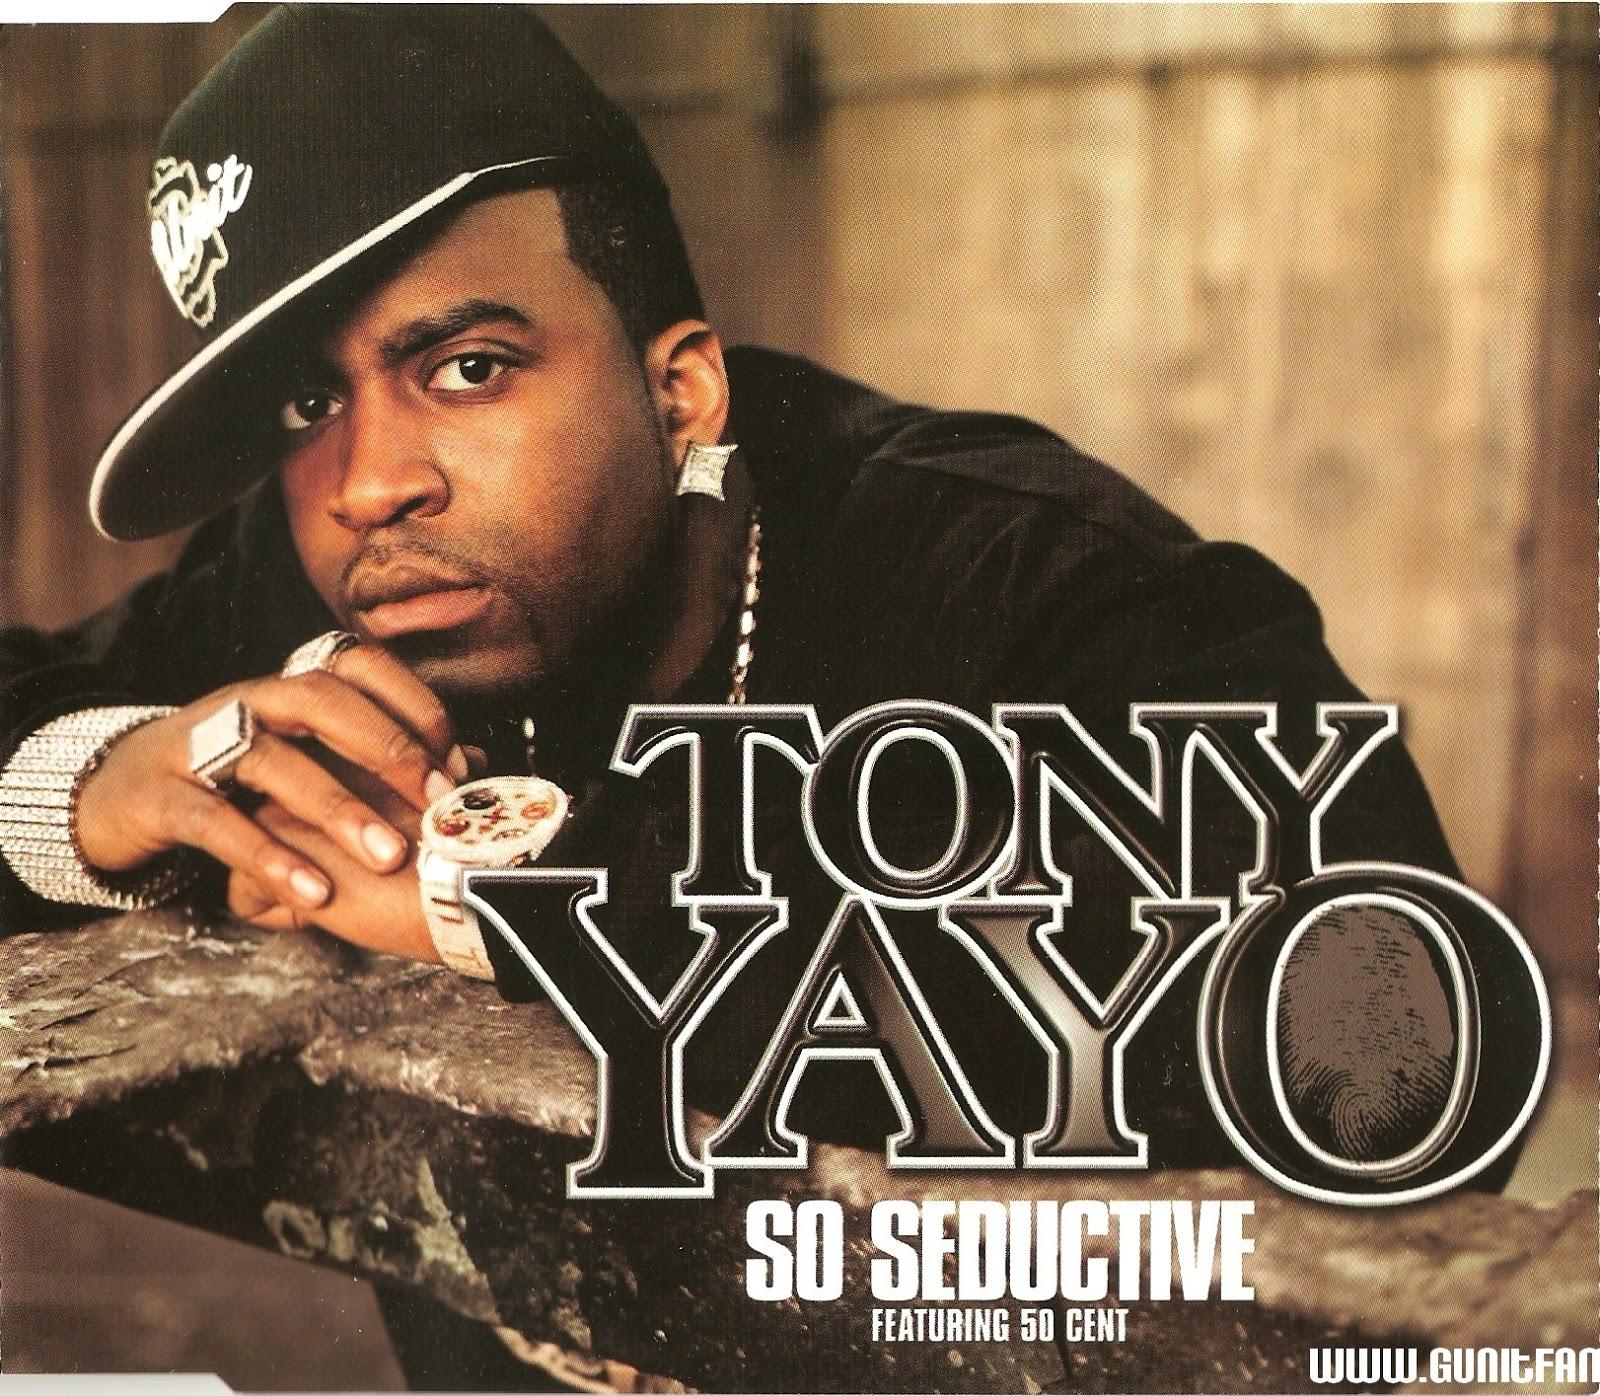 Tony Yayo – So Seductive (CDS) (2005) (320 kbps)